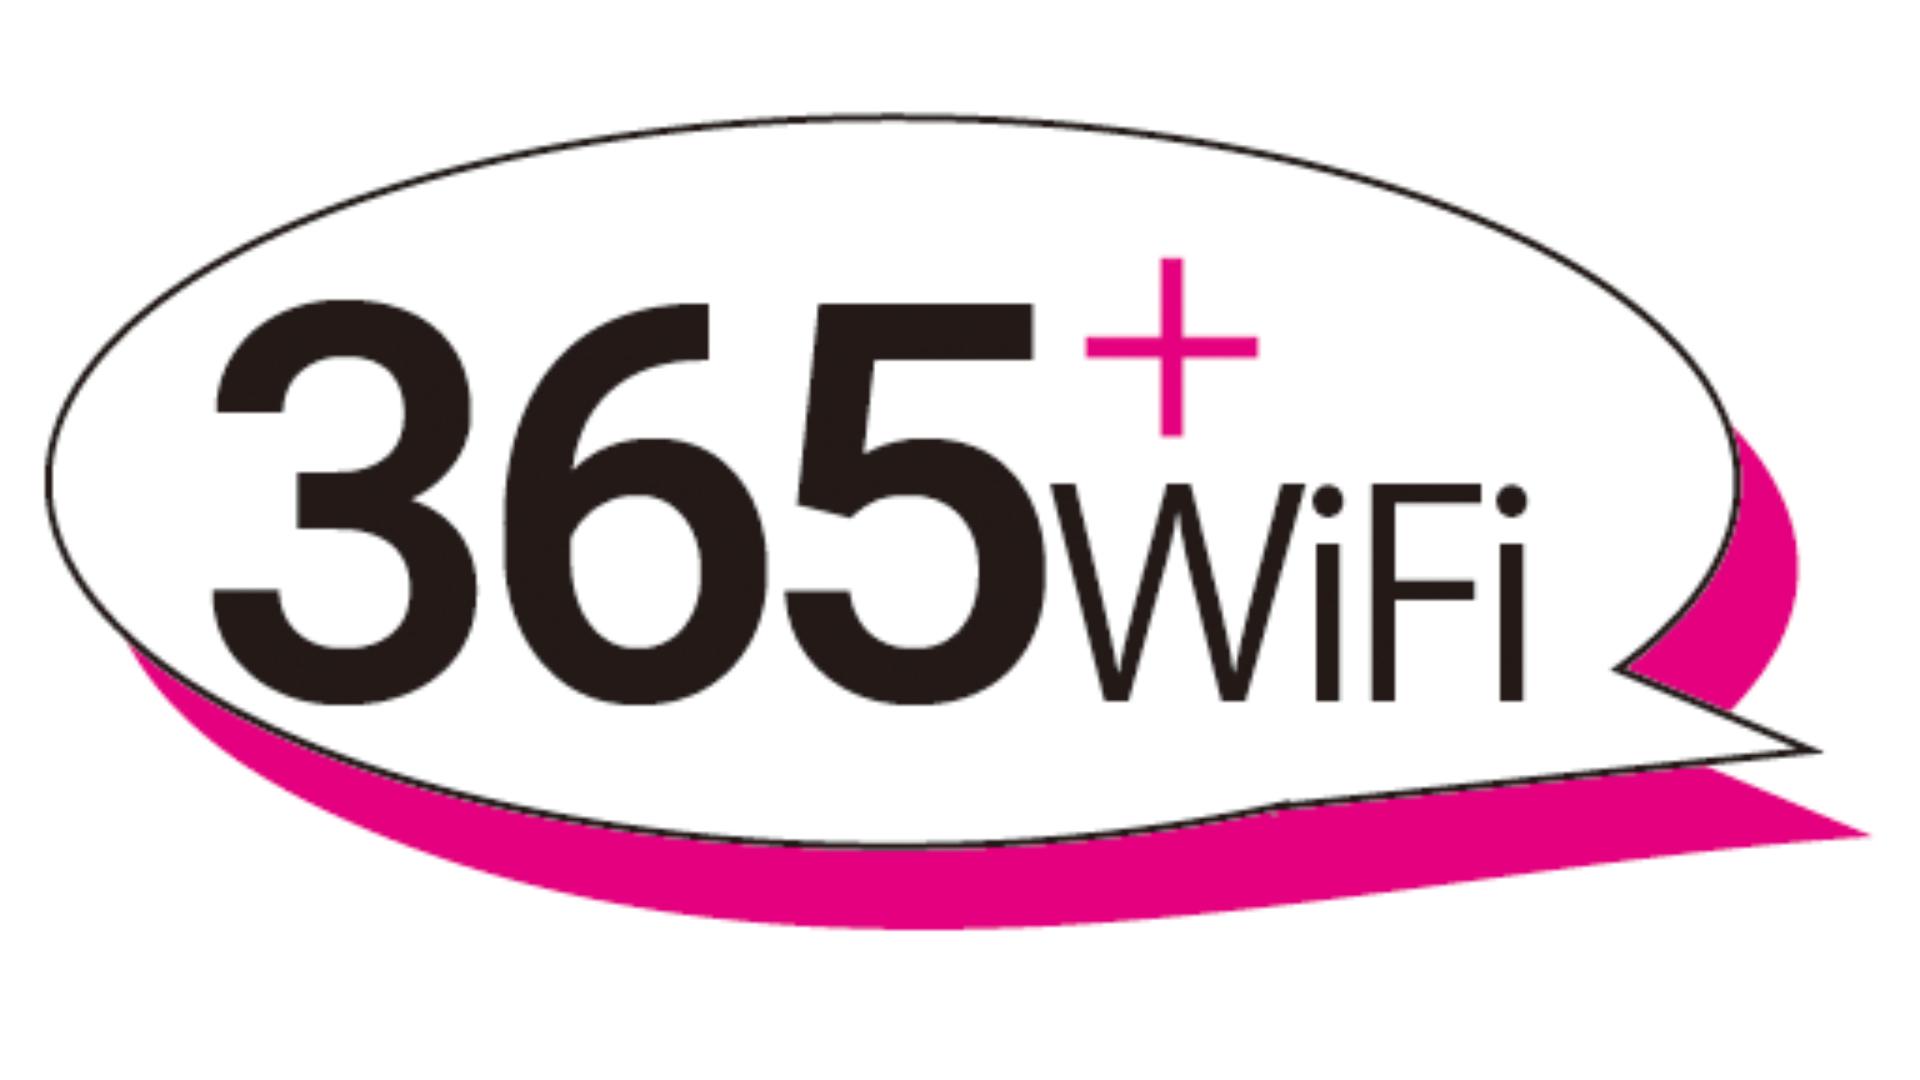 大容量ポケットWiFi 365plusWiFi | テレワーク、Web会議、オンライン学習に最適なポケットWiFi。保障プランもあり。法人様限定 イン・プラス株式会社